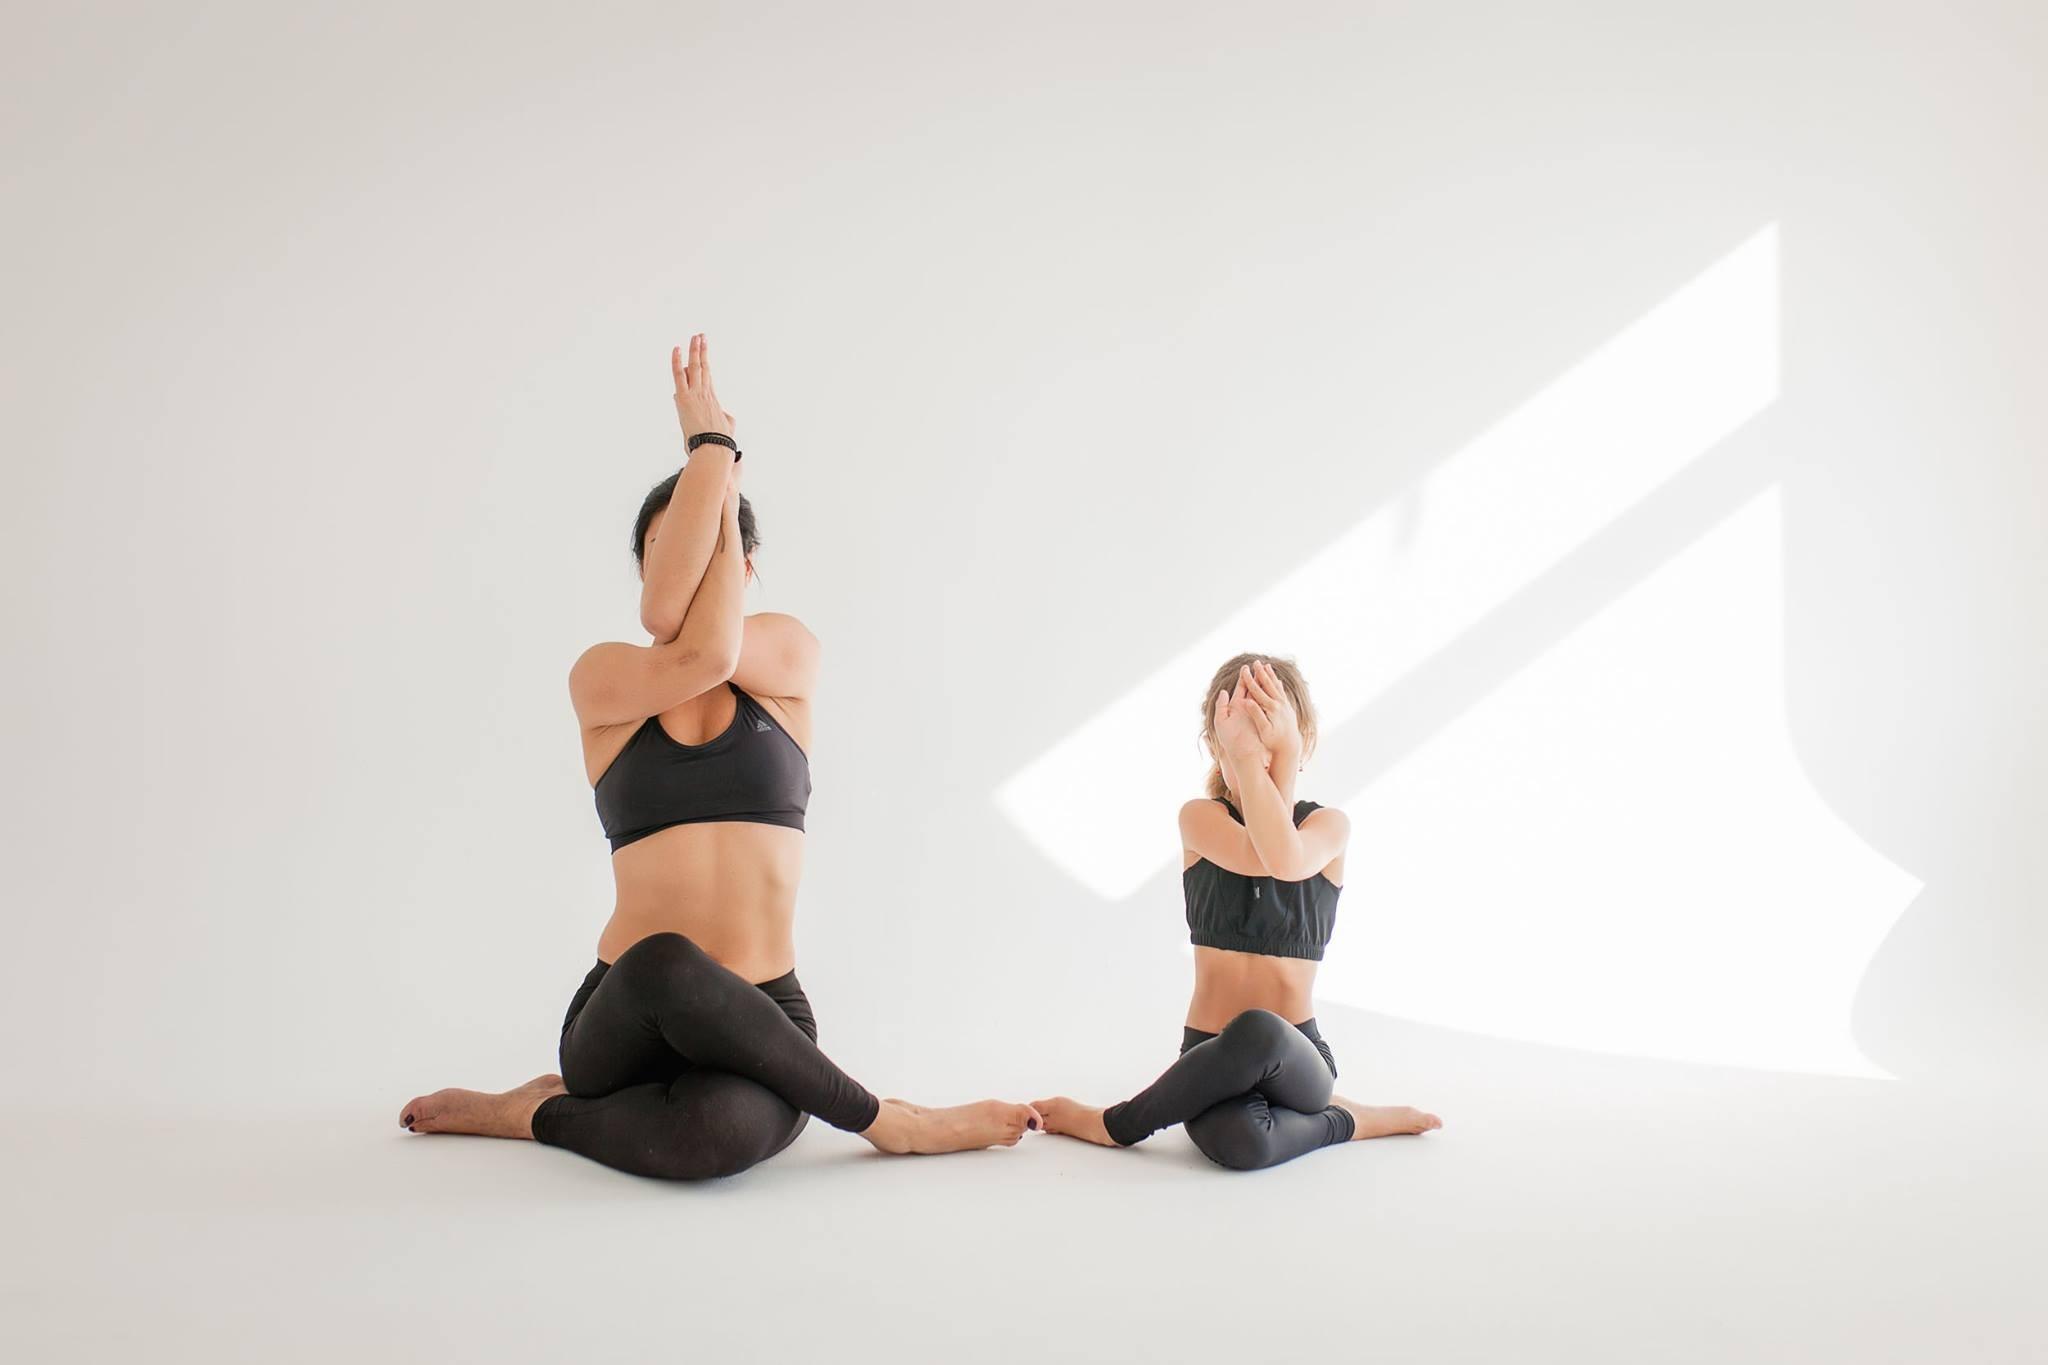 Йога медитация онлайн